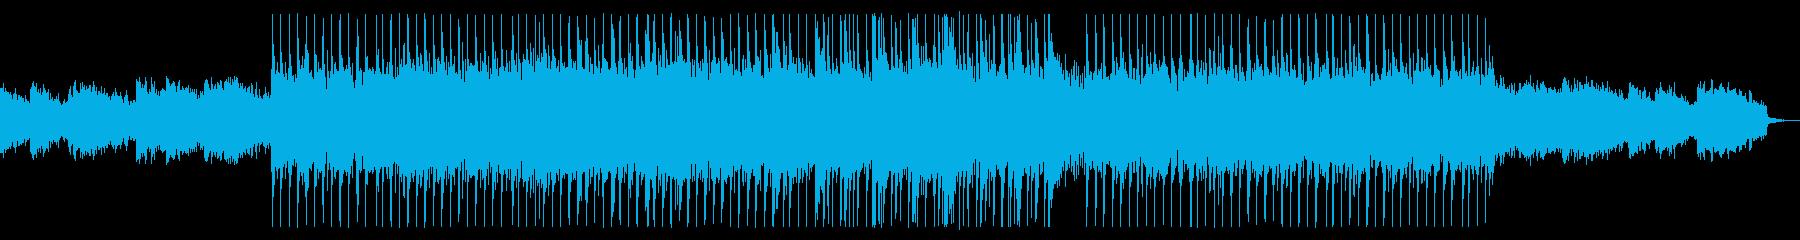 明るくウキウキするシンセサイザーの曲の再生済みの波形